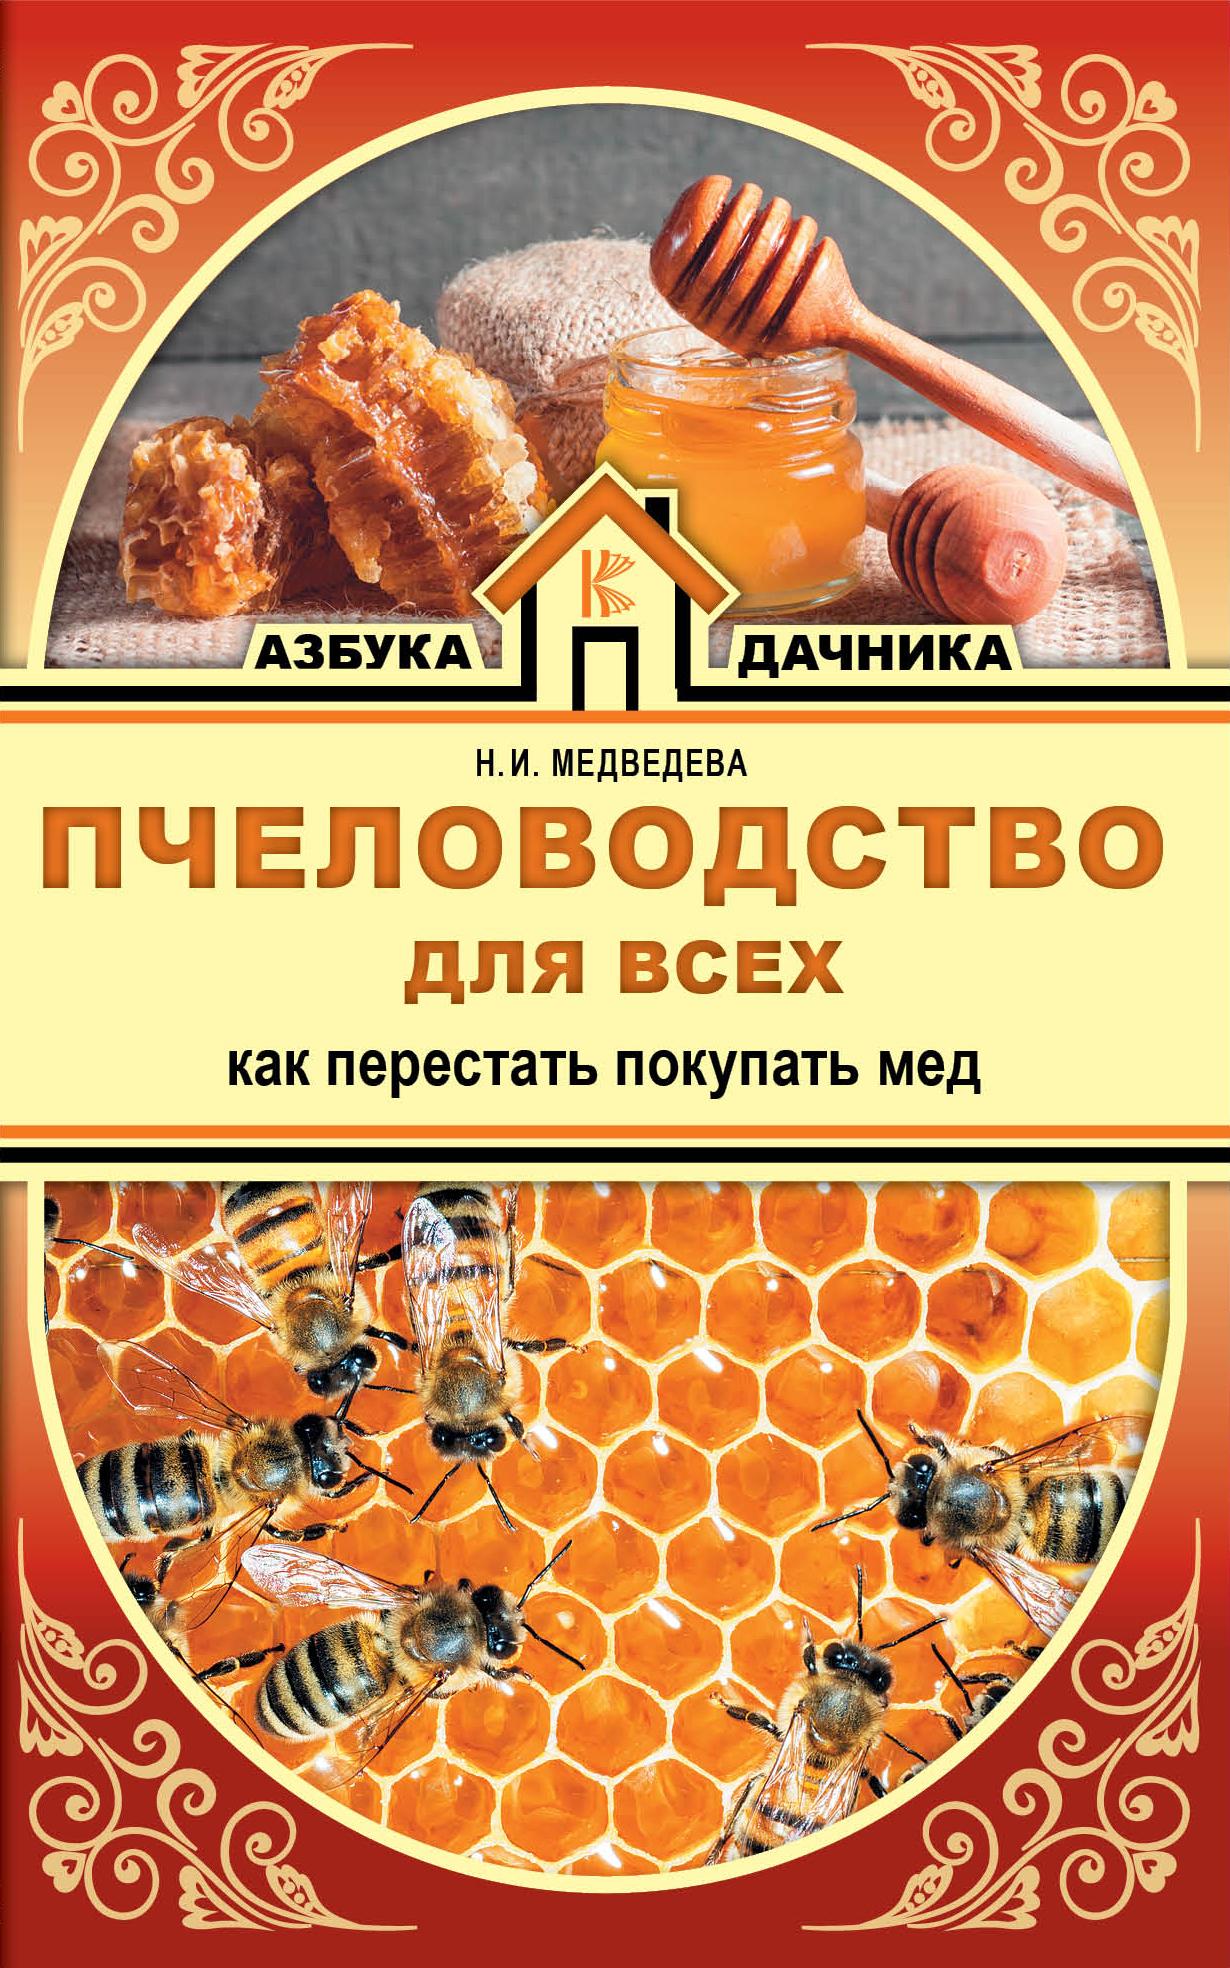 Пчеловодство для всех. Как перестать покупать мед ( .  )